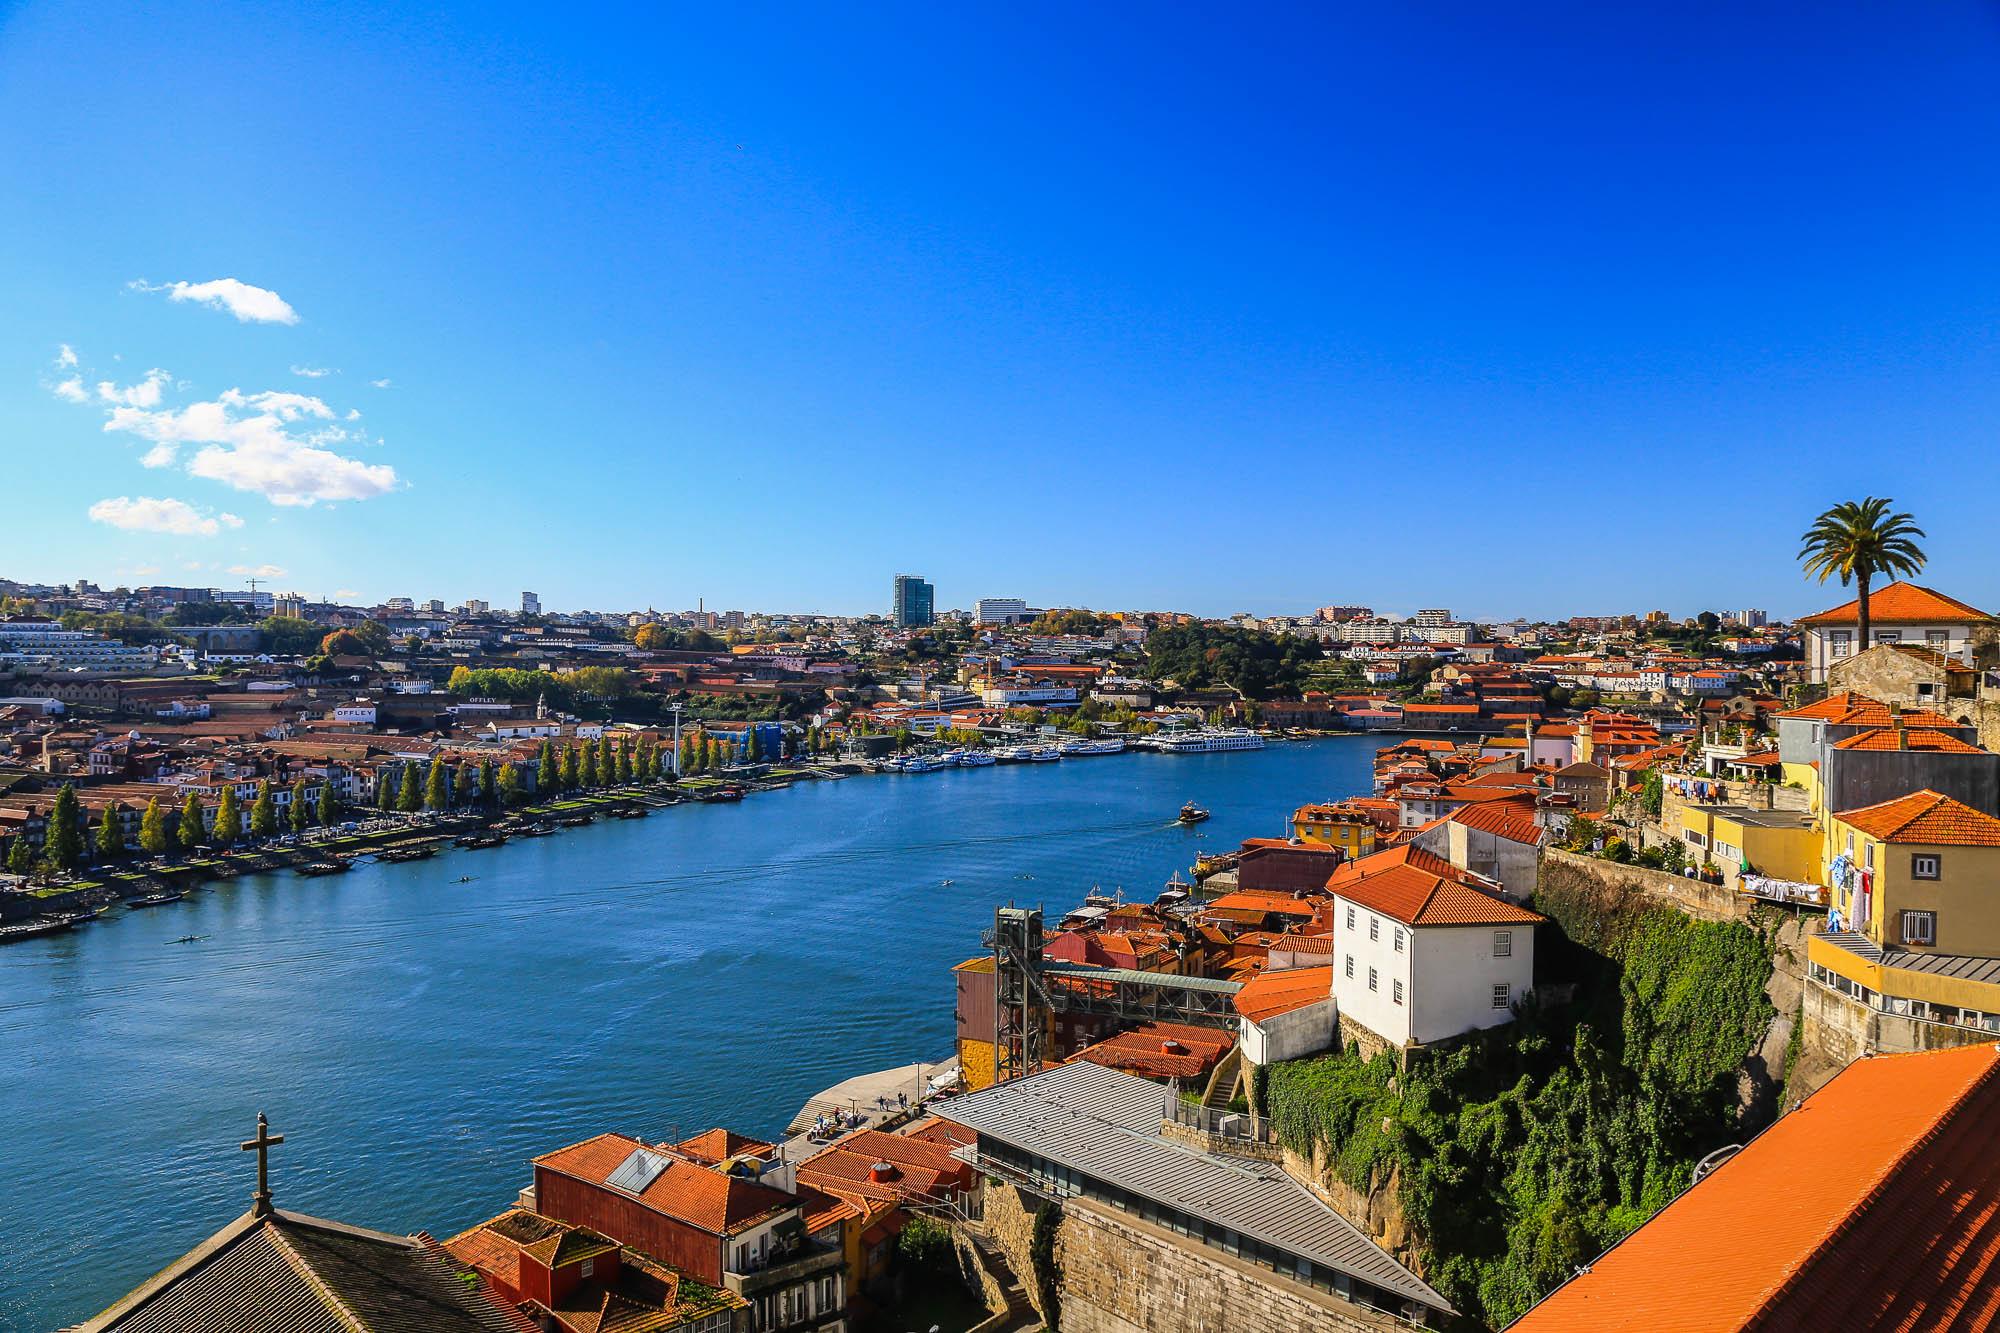 PORTUGAL-2012-jusmedic-#967